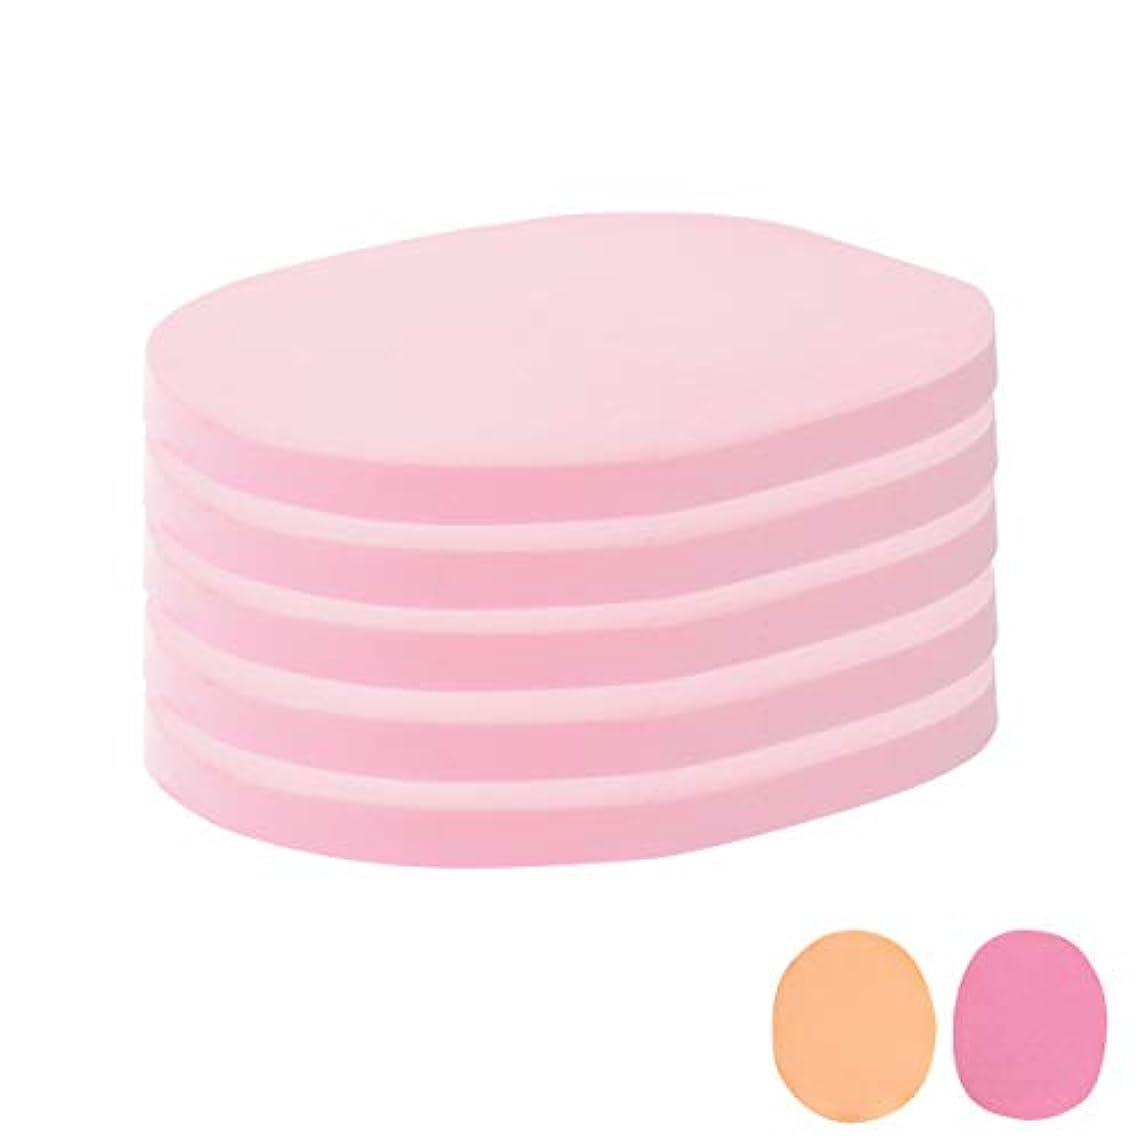 暗唱するインデックス遵守するフェイシャルスポンジ 全4種 7mm厚 (きめ細かい) 5枚入 ピンク [ フェイススポンジ マッサージスポンジ フェイシャル フェイス 顔用 洗顔 エステ スポンジ パフ クレンジング パック マスク 拭き取り ]